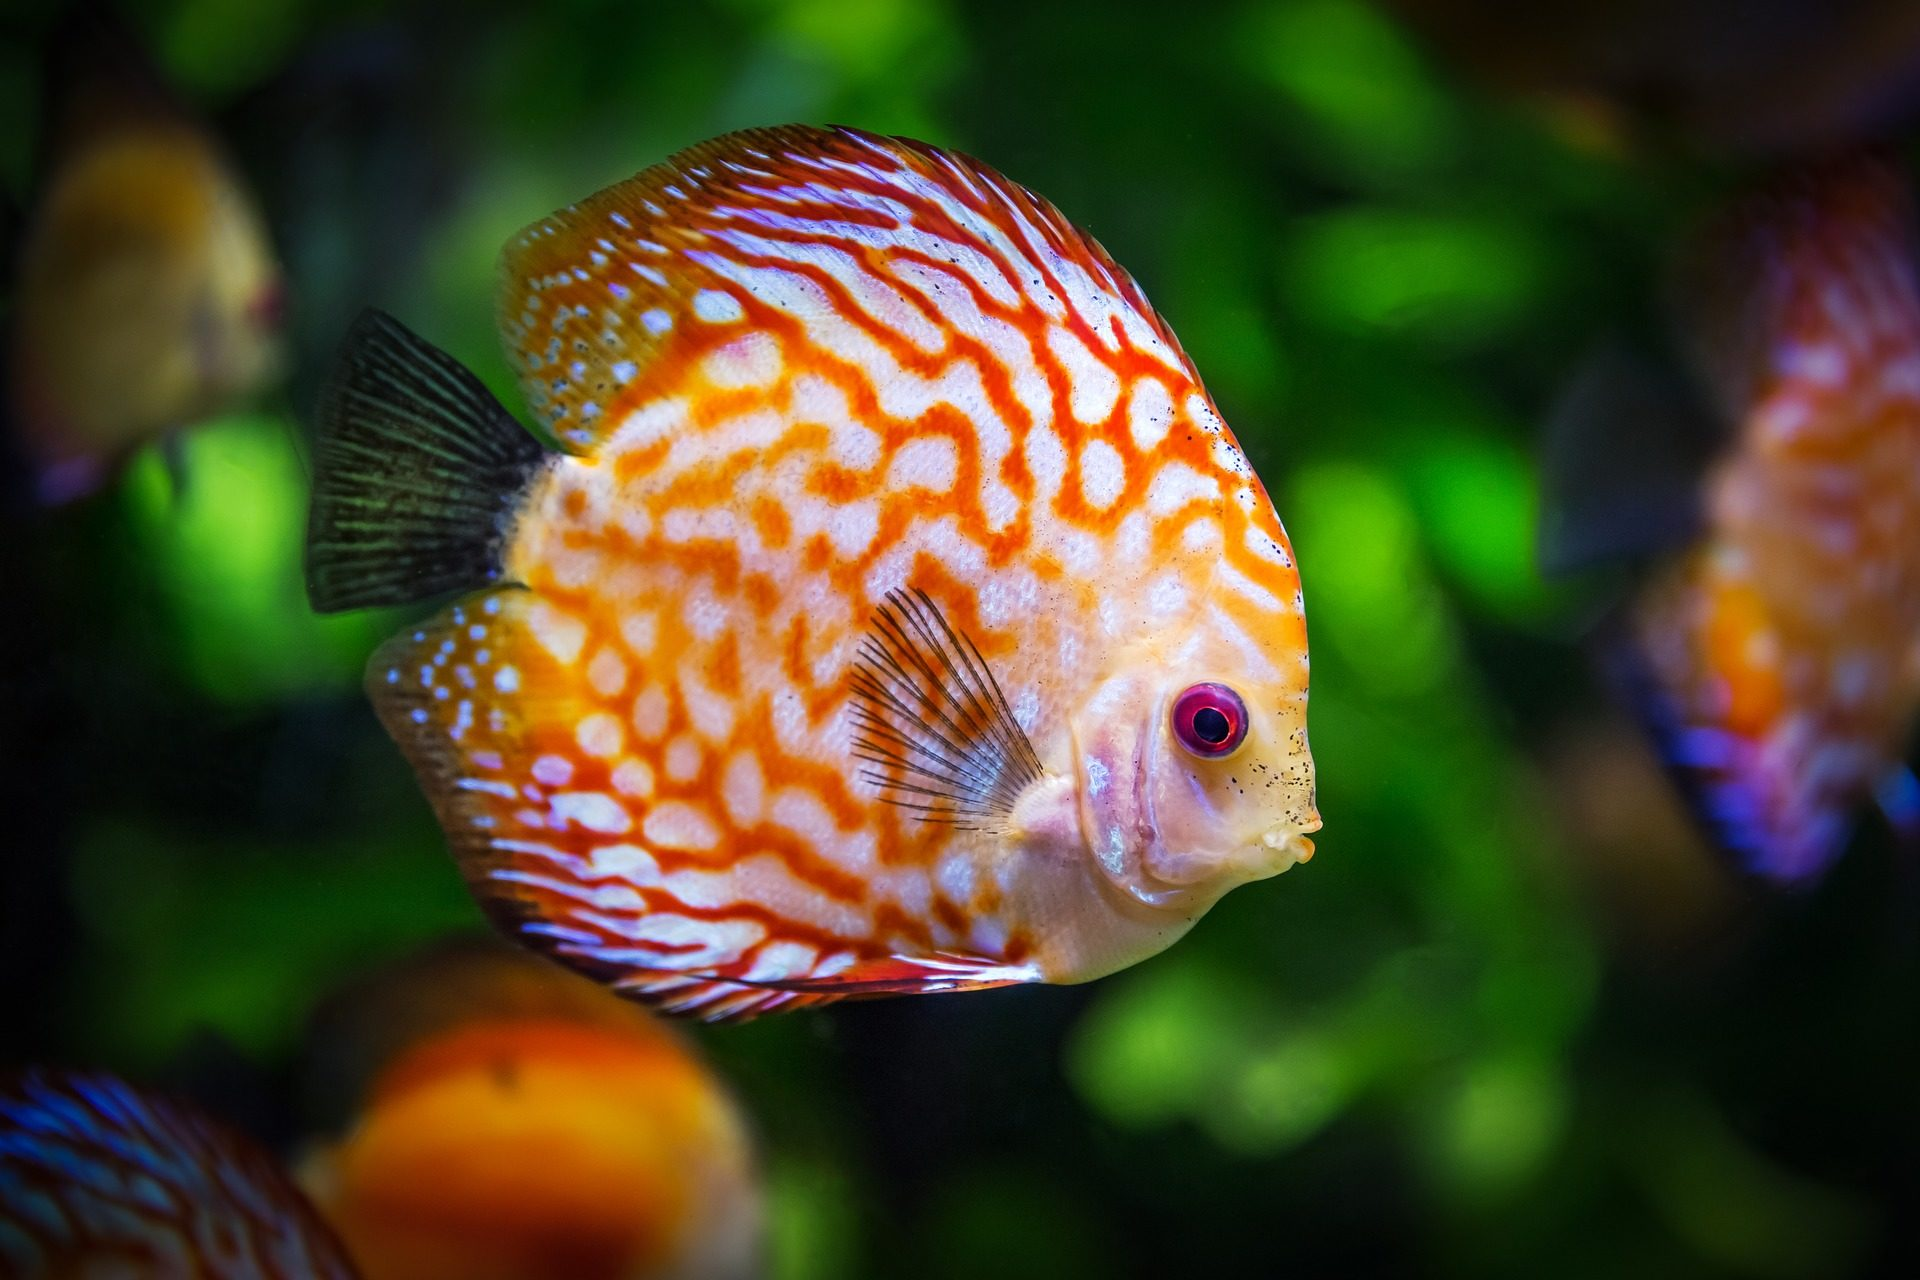 pesce, disco, colorato, Tropical, Acquario - Sfondi HD - Professor-falken.com